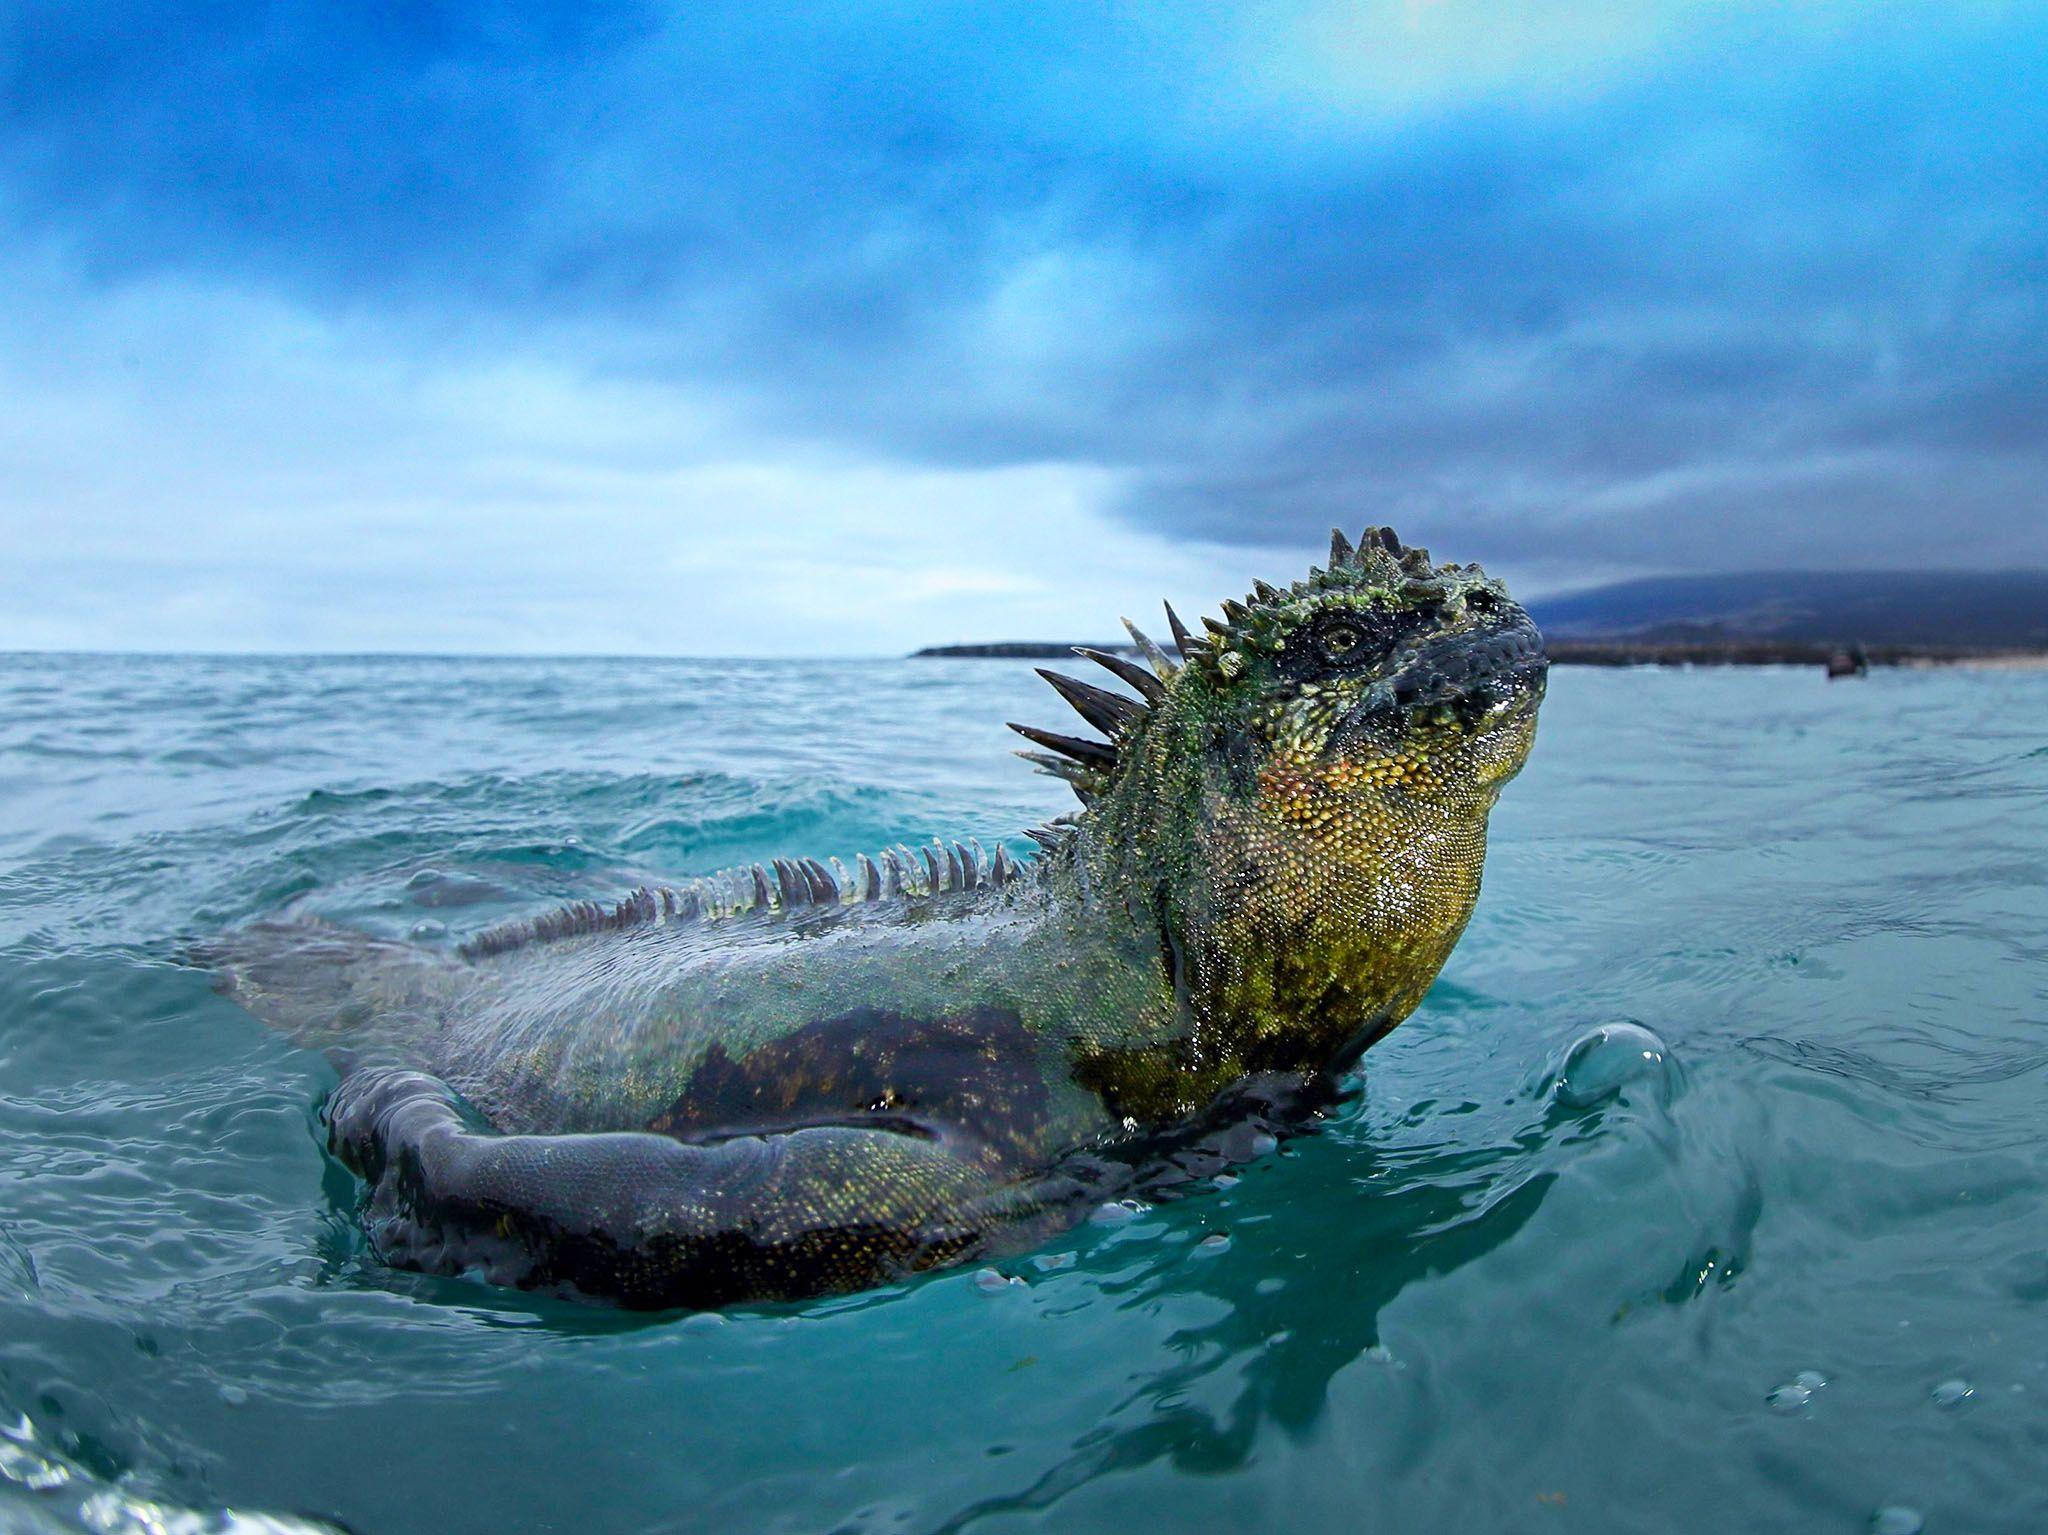 الإغوانة البحرية تسبح عائدةً نحو اليابسة.  هذه... [Photo of the day - يناير 2017]